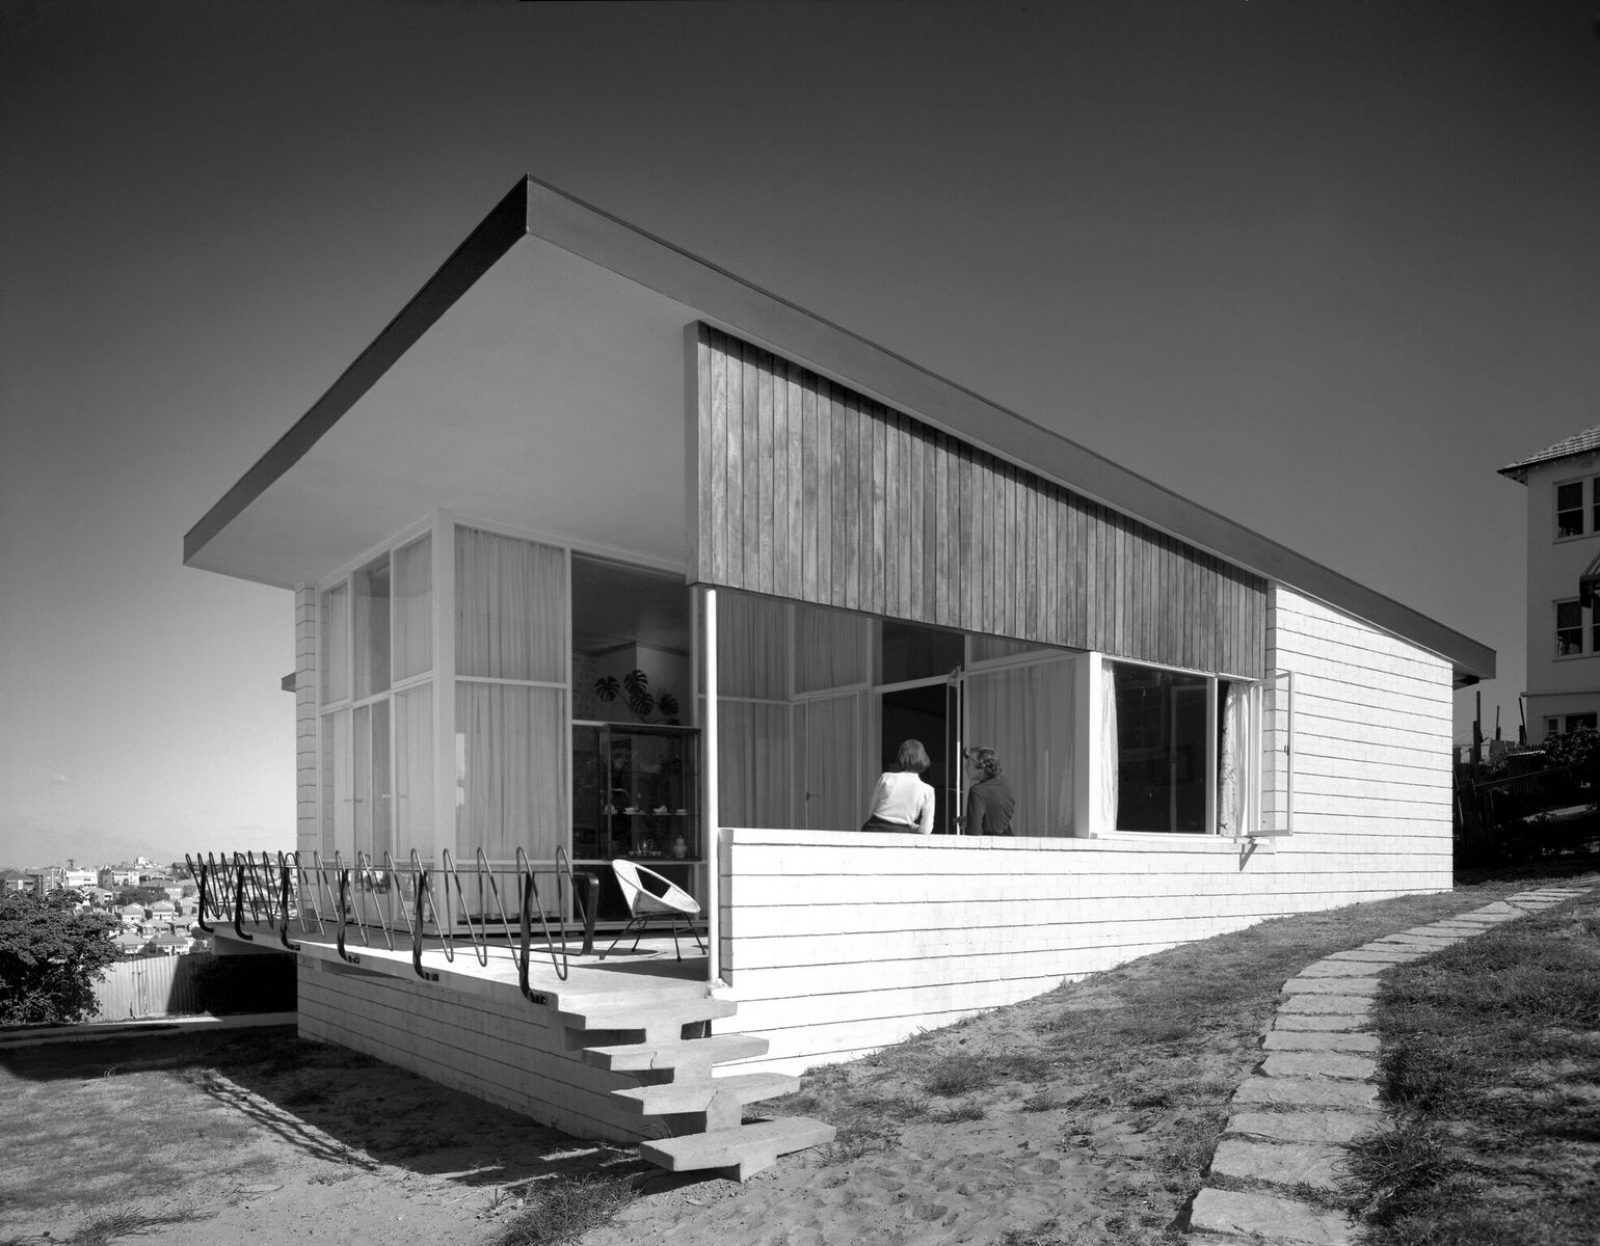 Franklin House, Waverly designed by Émigré Architect Hugh Buhrich, Image: Max Dupain)